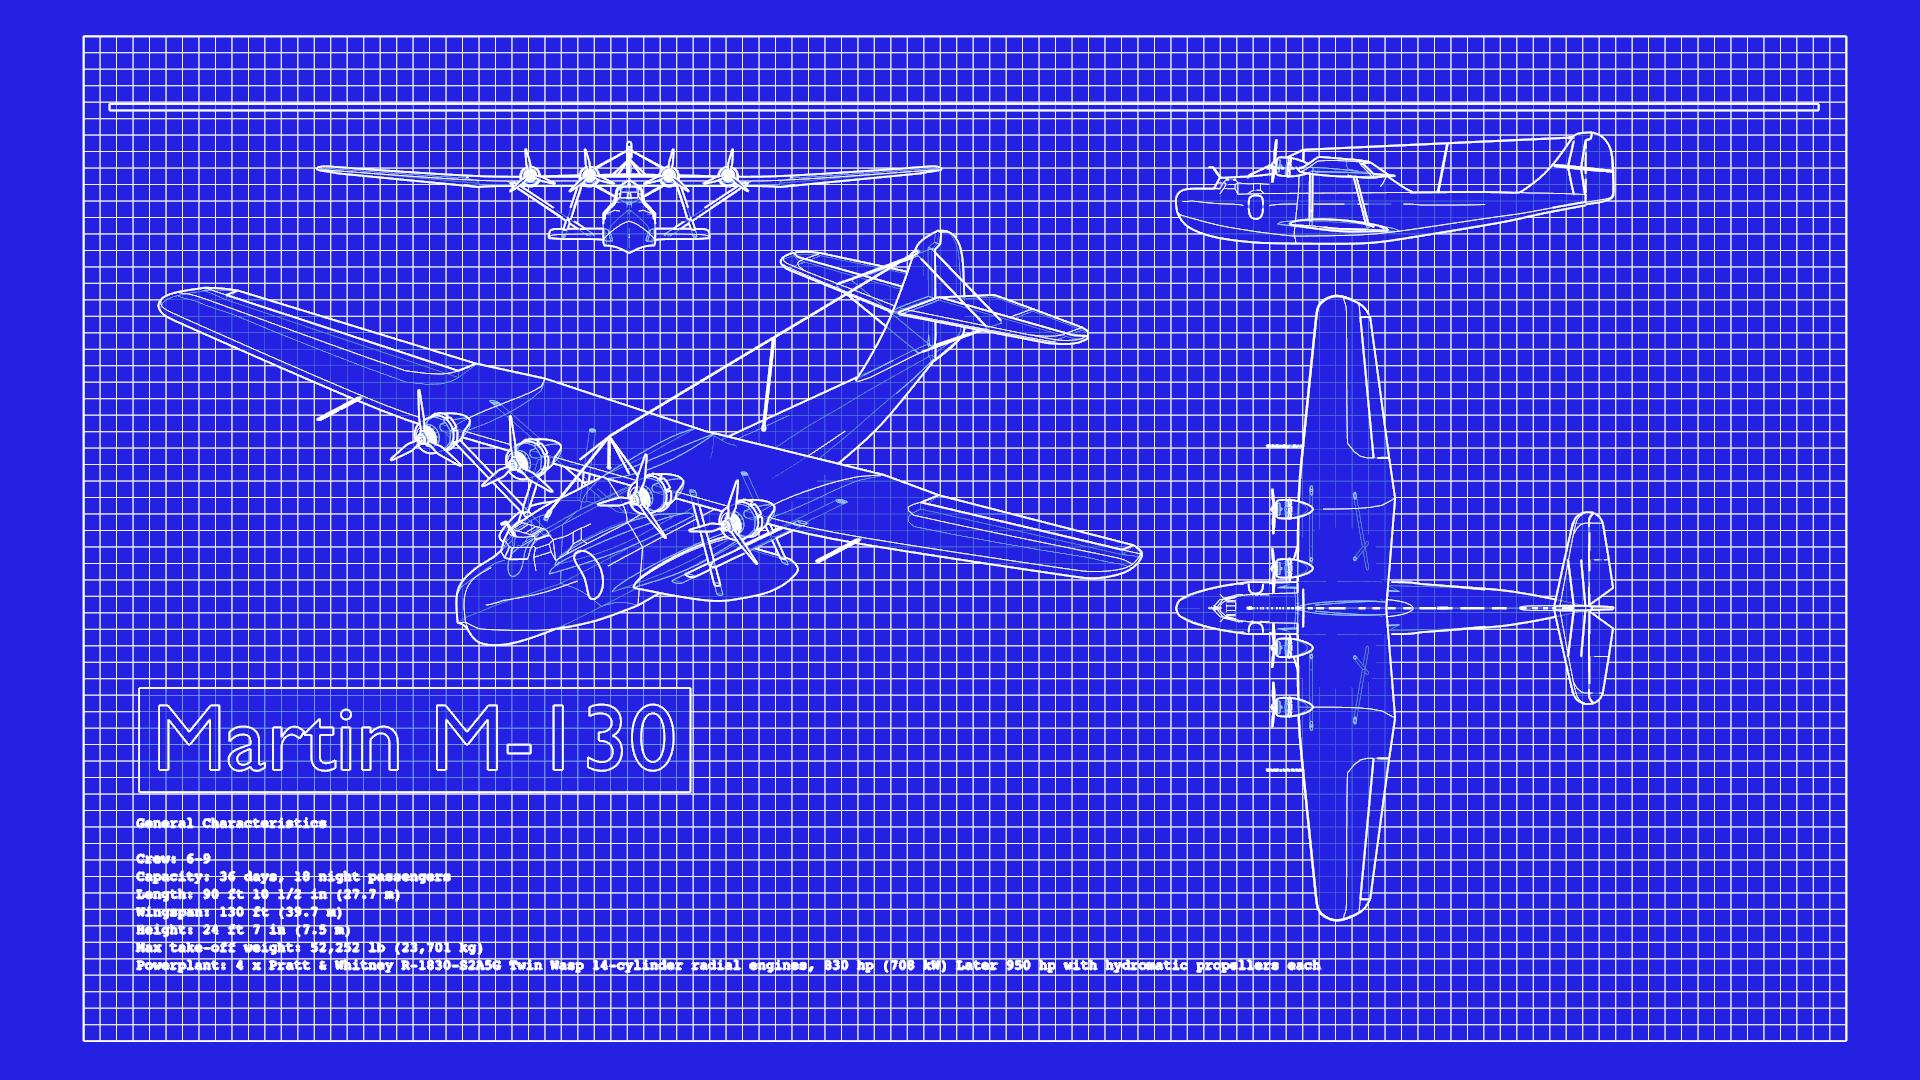 M130LANPR0000